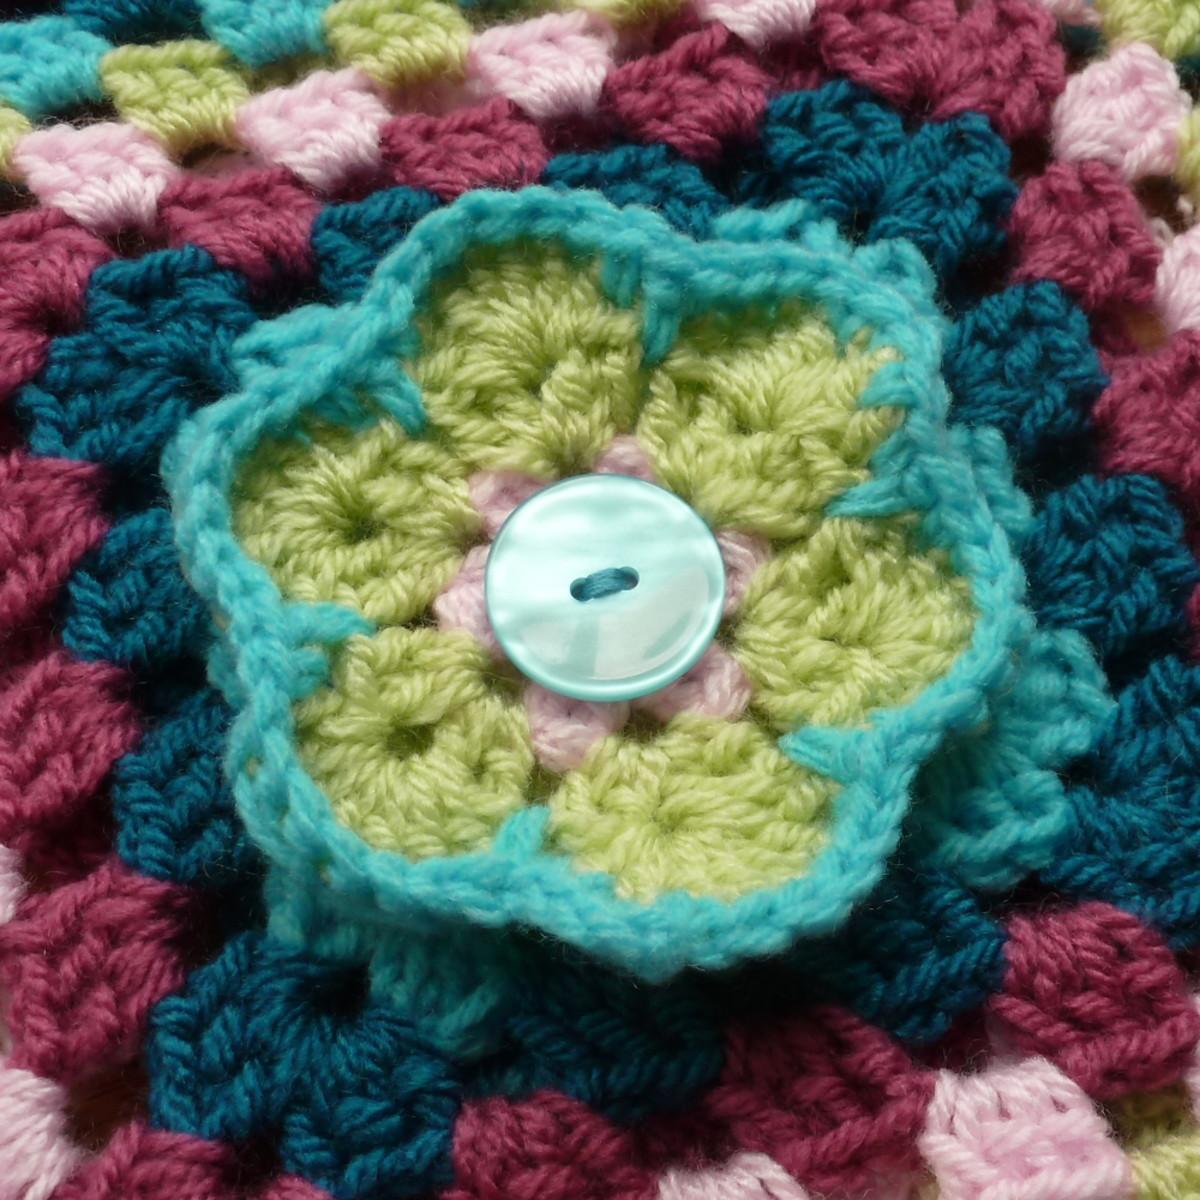 Large crochet flower embellishment design